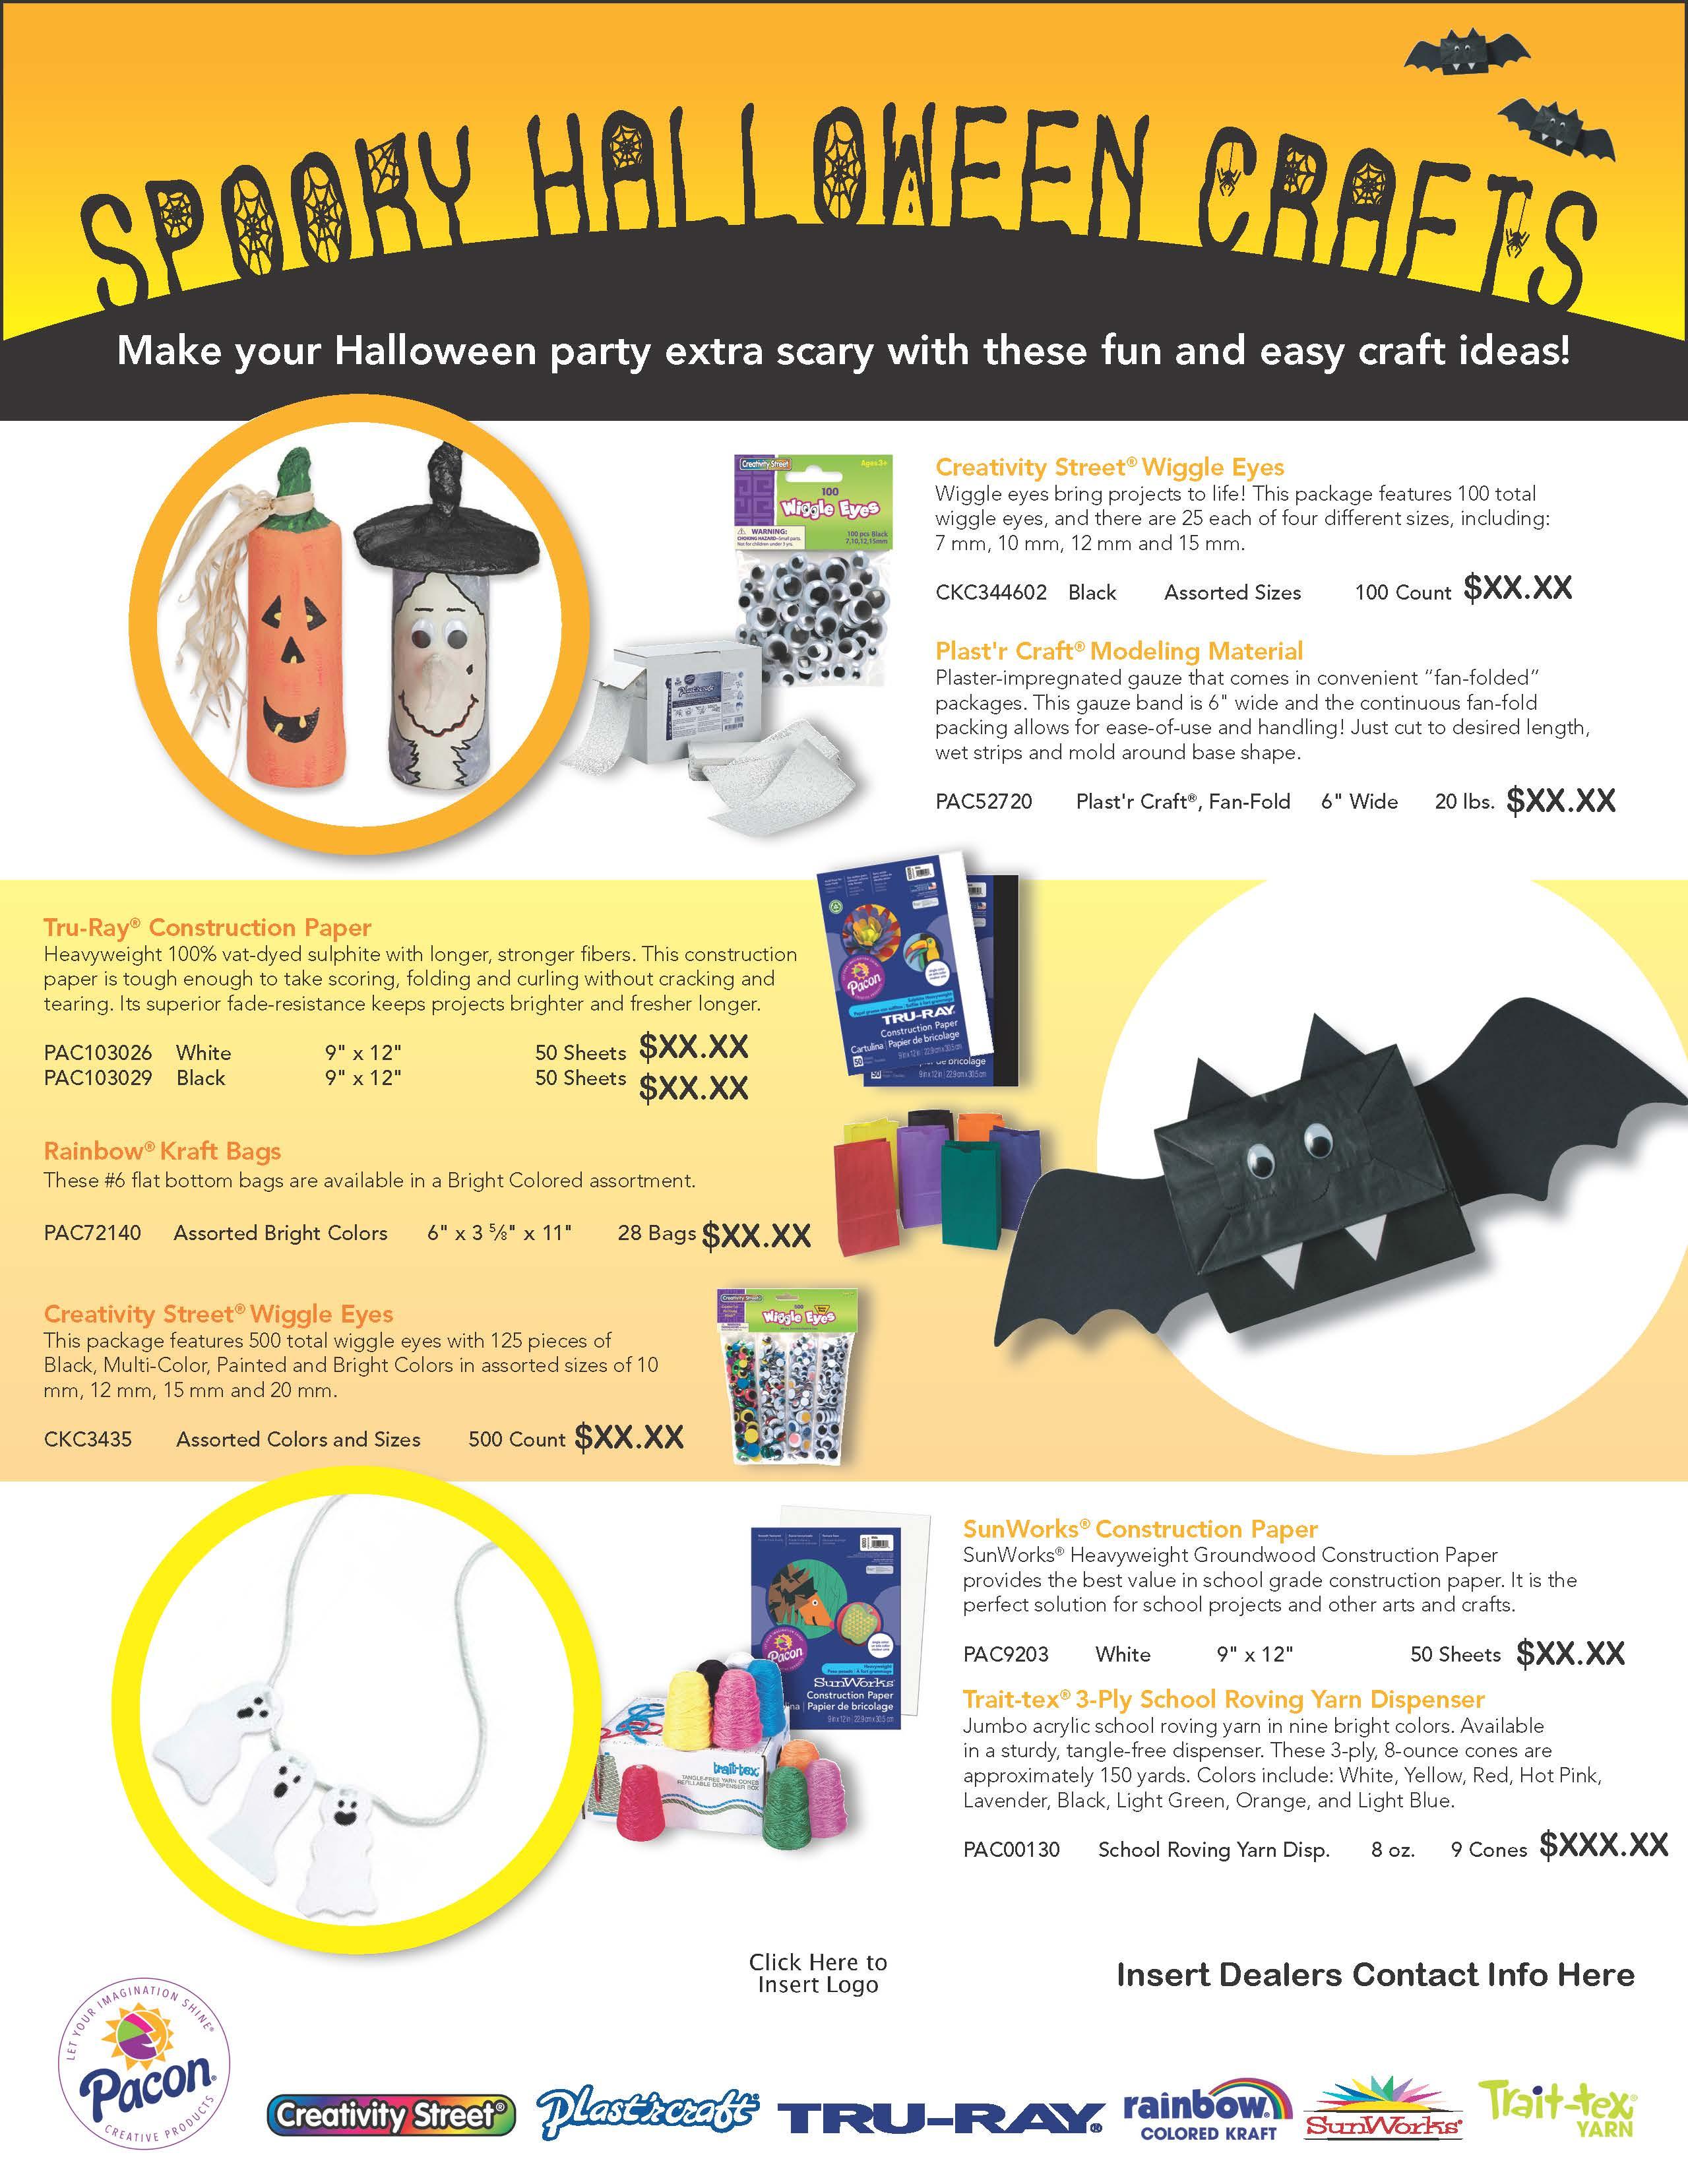 Halloween FLyer Image 2